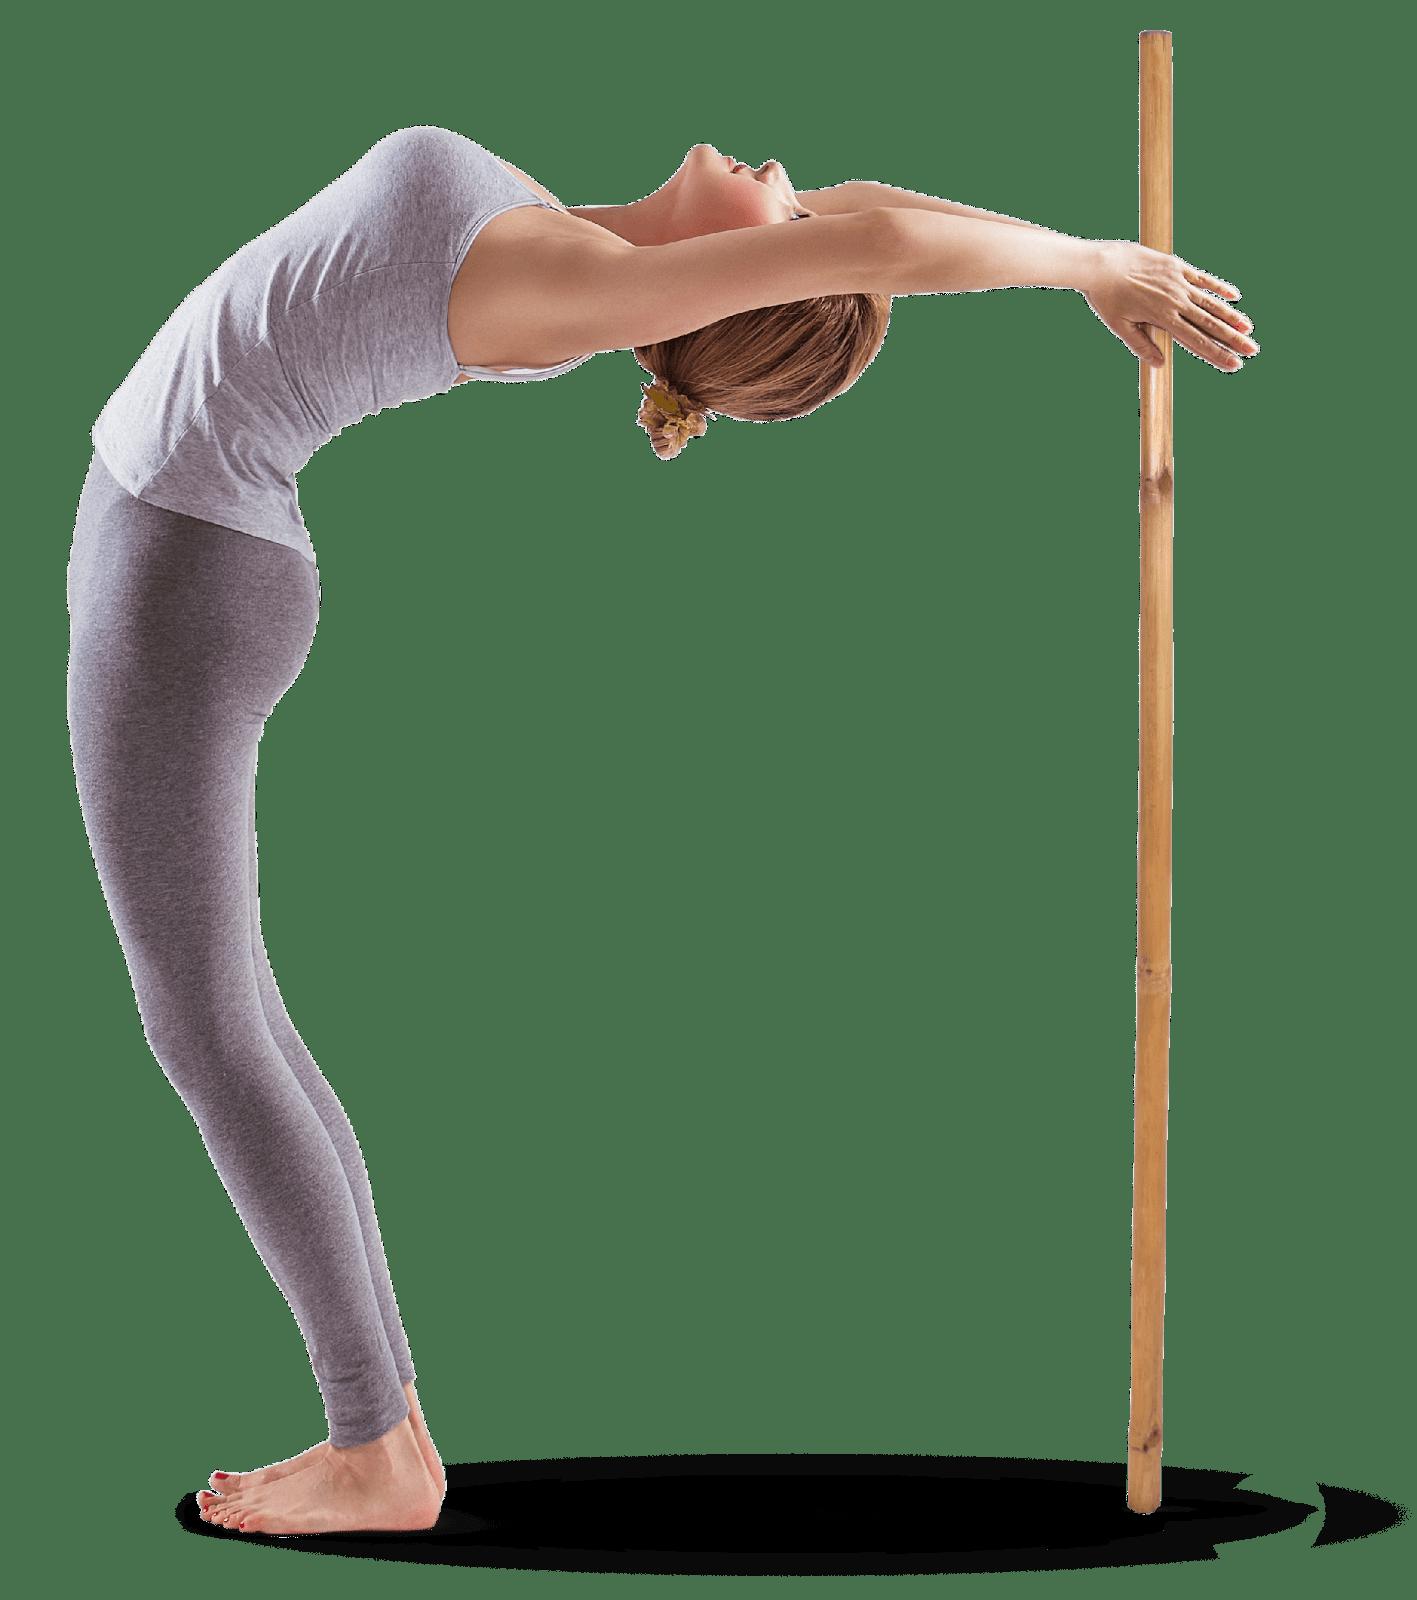 Để luyện tập yoga gậy hiệu quả an toàn, bạn cần chú ý các vấn đề về sức khỏe.